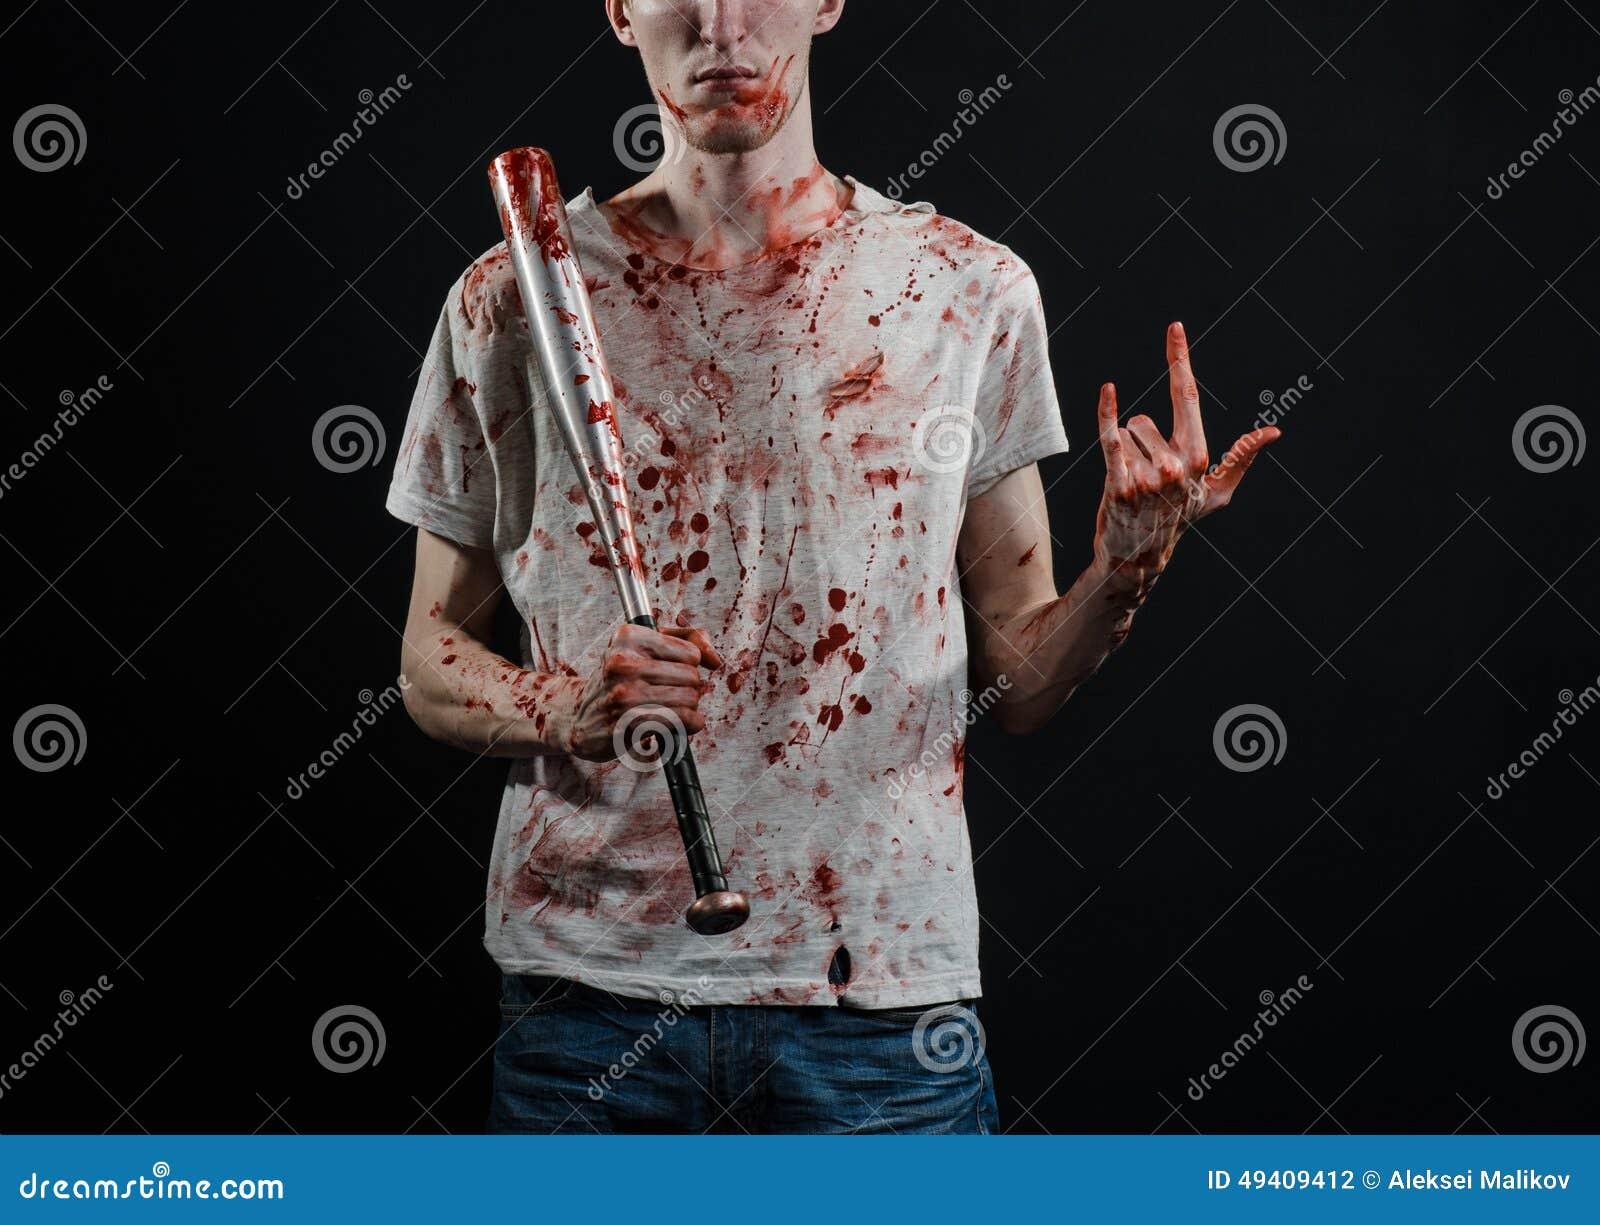 Download Blutiges Thema: Der Kerl In Einem Blutigen T-Shirt, Das Einen Blutigen Schläger Auf Einem Schwarzen Hintergrund Hält Stockfoto - Bild von kampf, grausam: 49409412